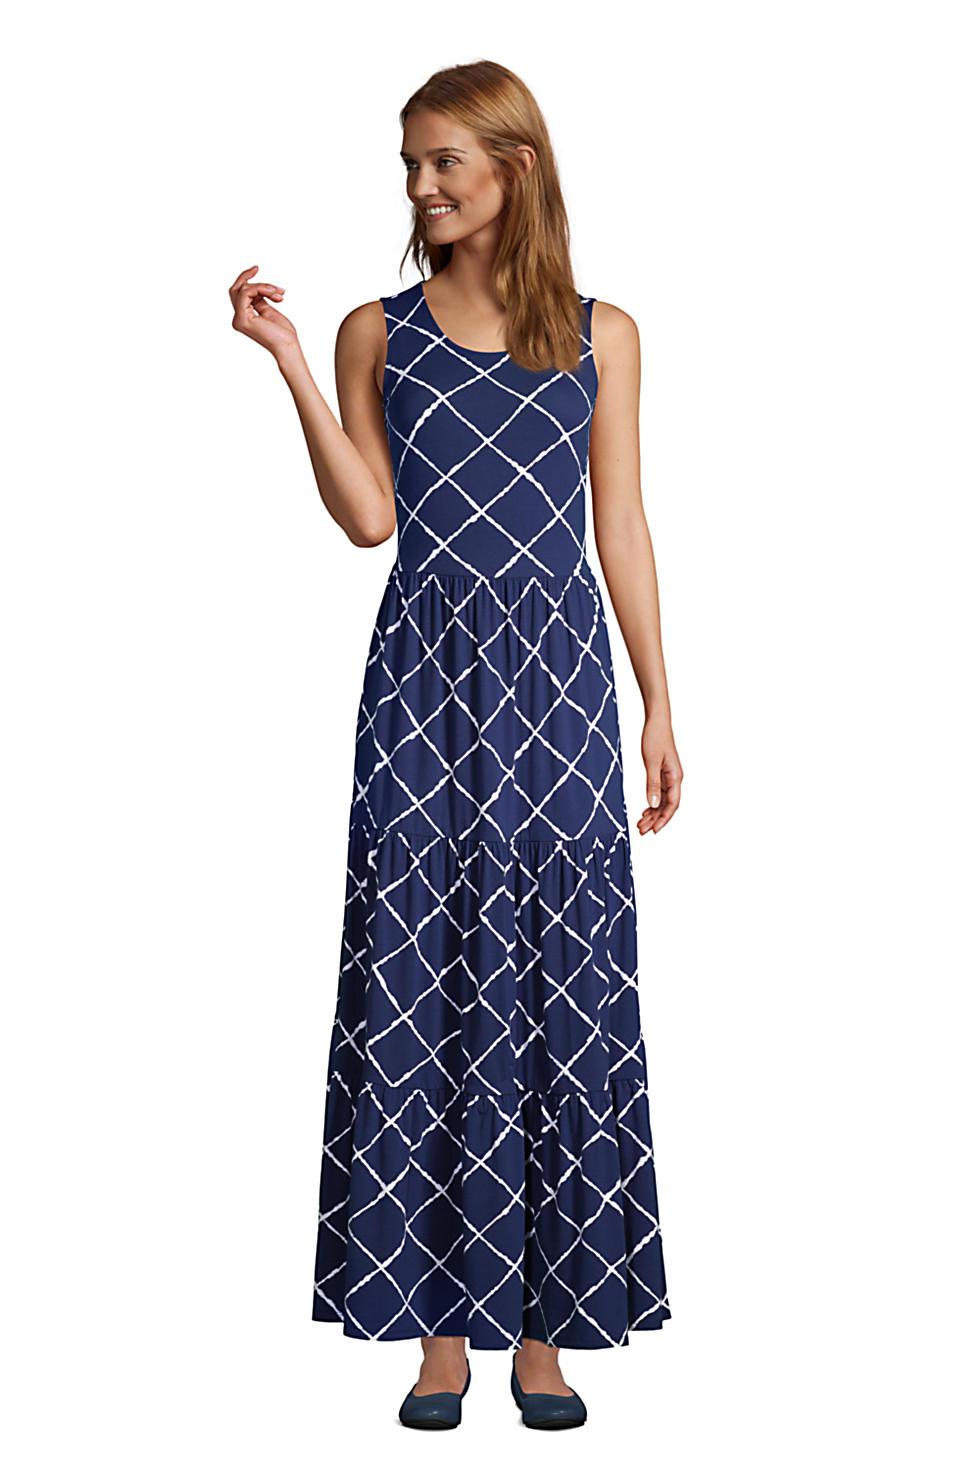 Lands End Women's Sleeveless Tiered Maxi Dress